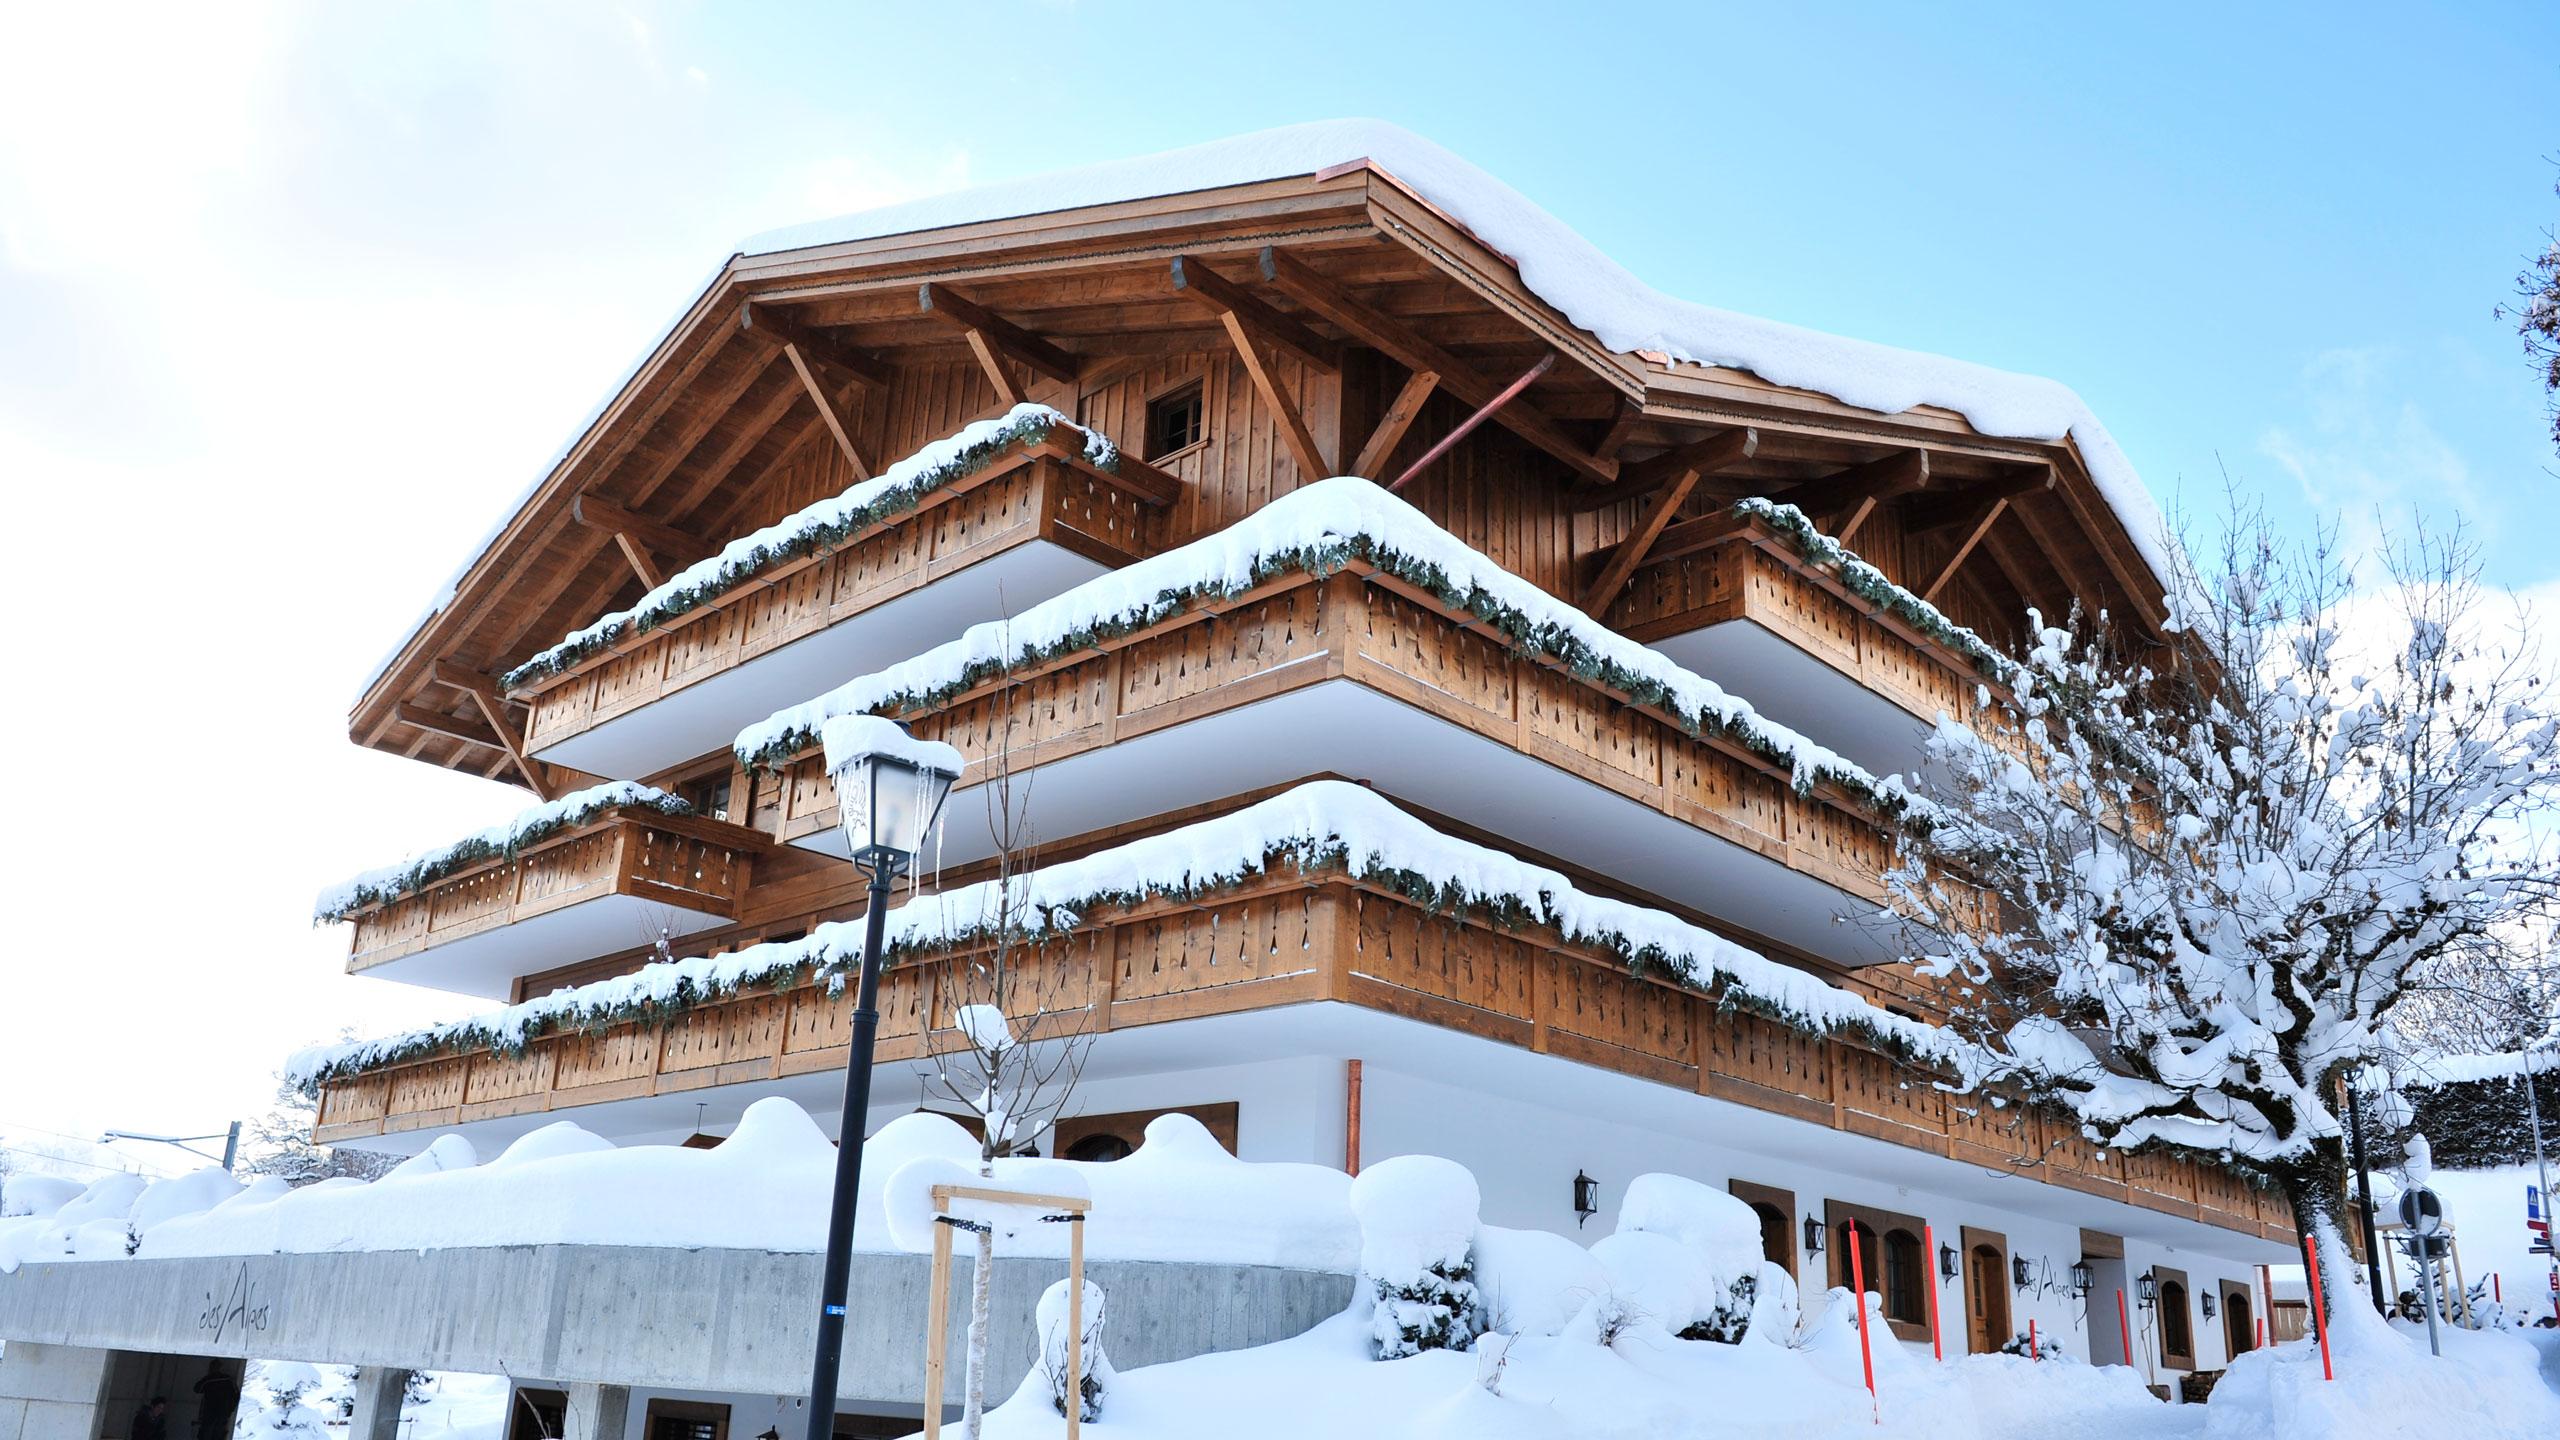 Architekten Finden hauswirth architekten hotel design